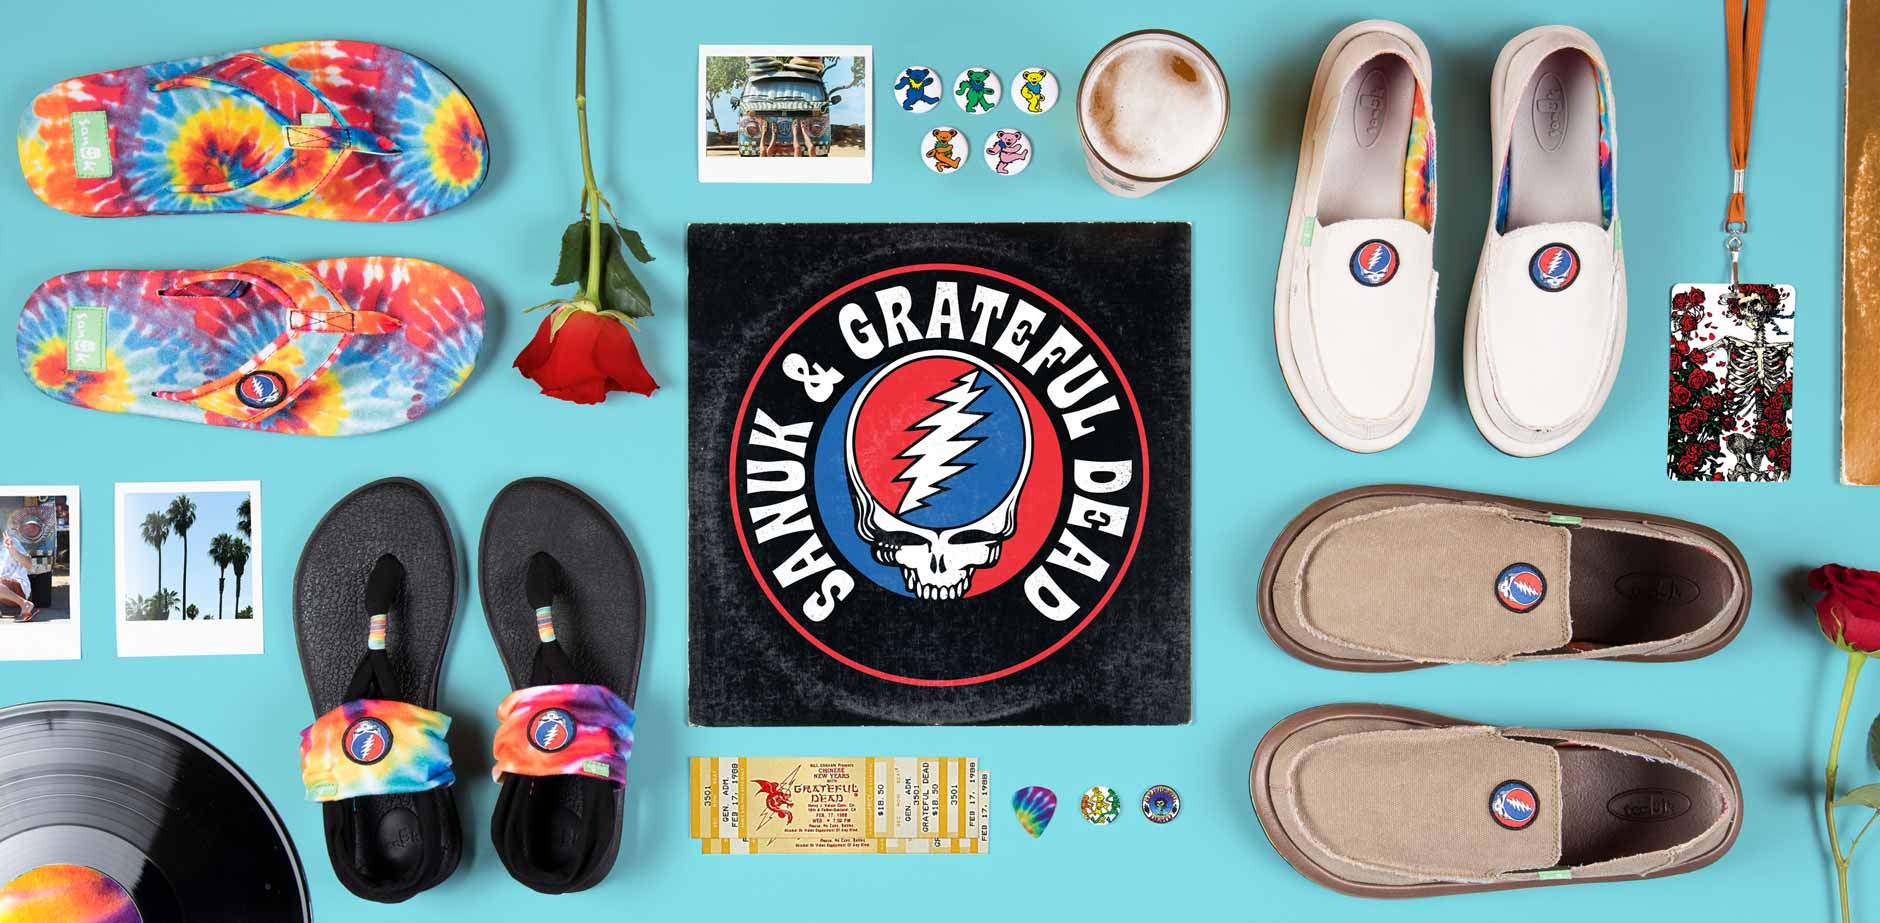 Sanuk x Grateful Dead